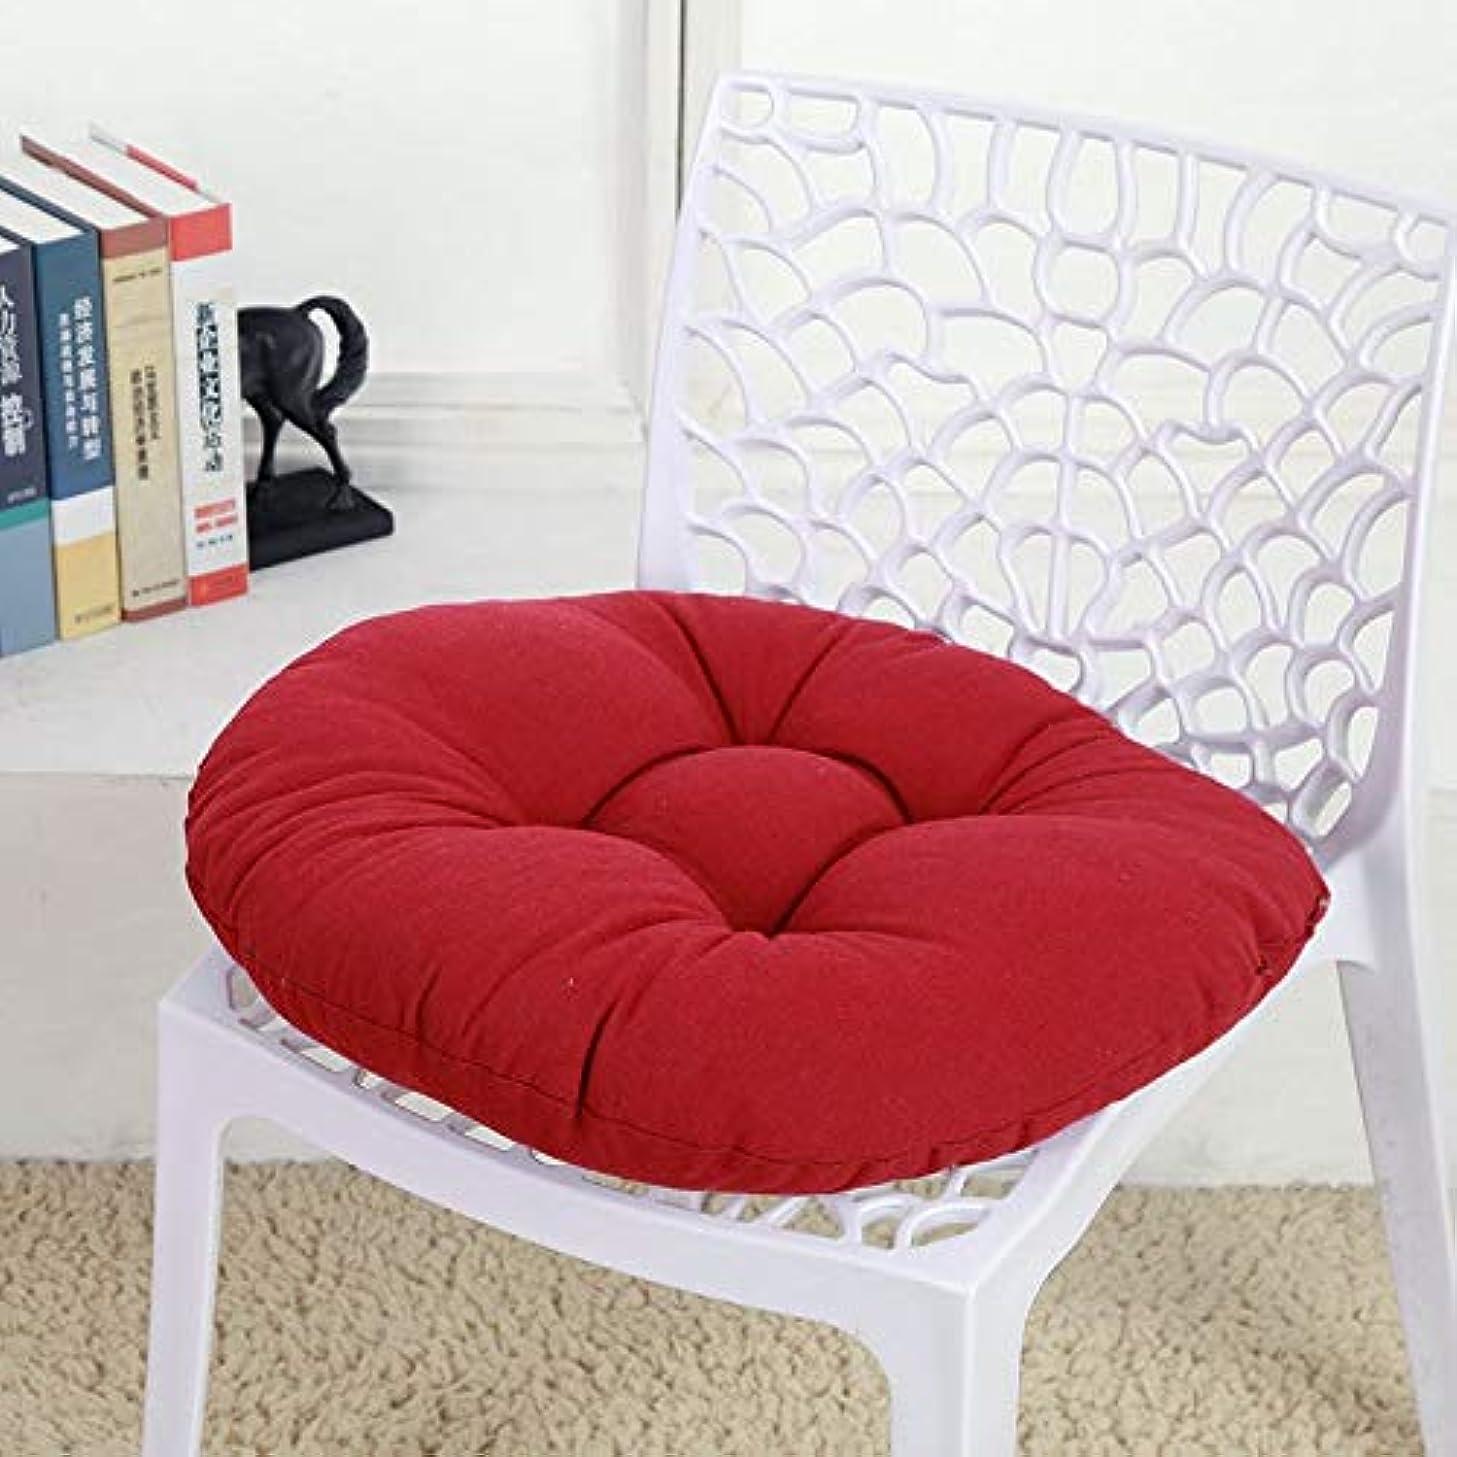 炭水化物アナログアコーSMART キャンディカラーのクッションラウンドシートクッション波ウィンドウシートクッションクッション家の装飾パッドラウンド枕シート枕椅子座る枕 クッション 椅子